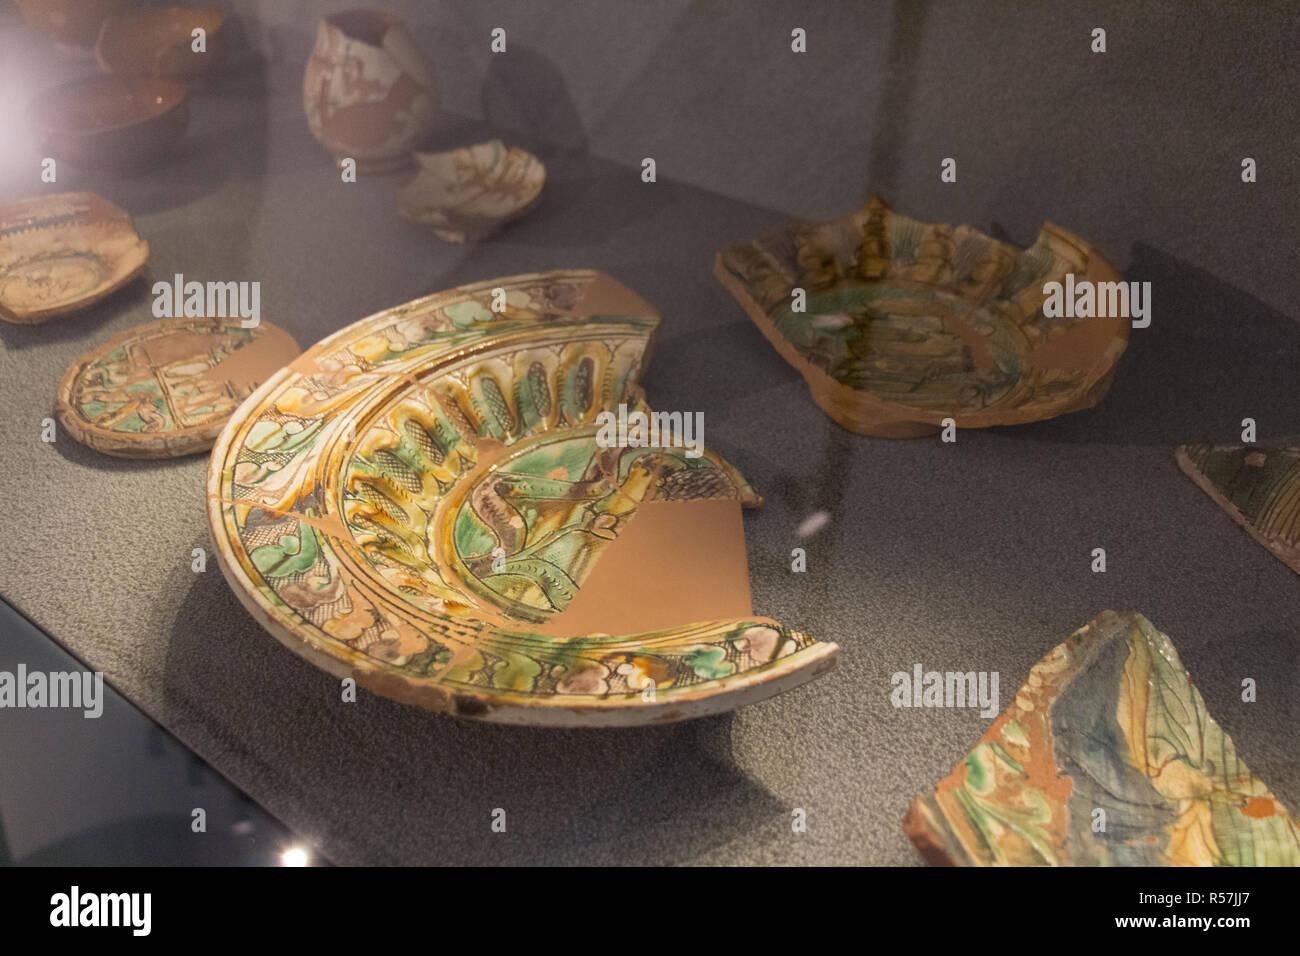 L'Italie, Brescia - 24 décembre 2017: le point de vue des anciens sujets d'utilisation quotidienne dans le musée de Santa Giulia, Brescia, Lombardie, Italie. Photo Stock